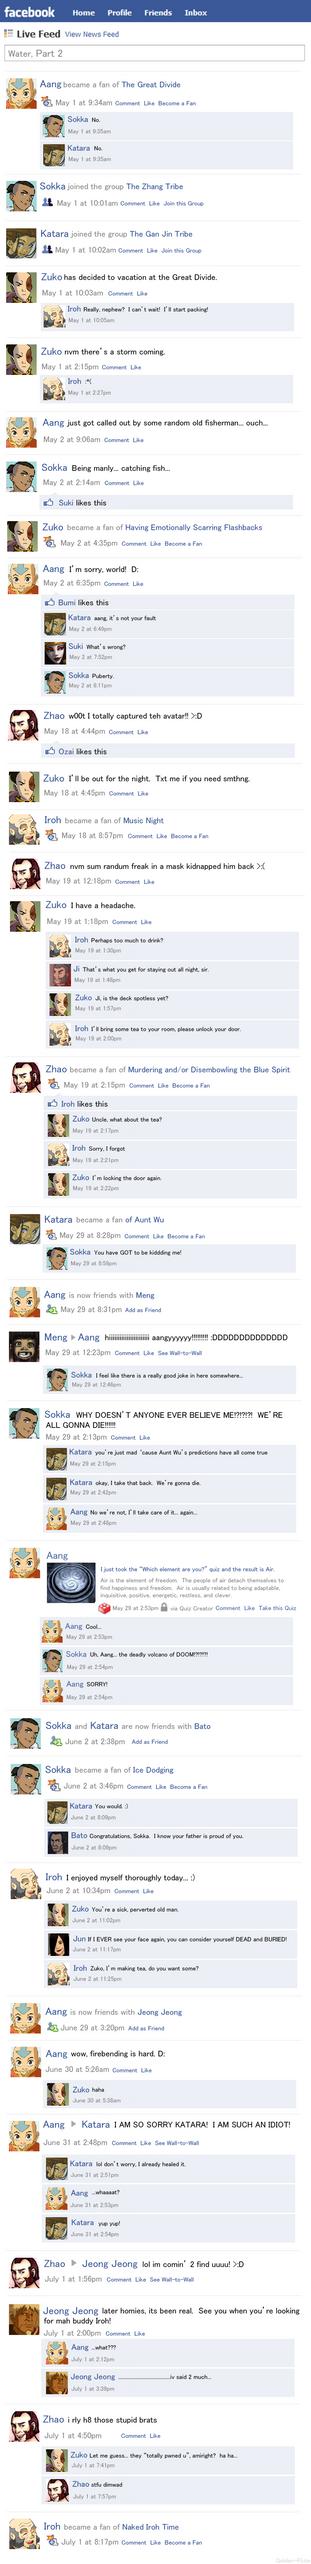 Avatar Facebook Water Part 2 by Golden-Flute